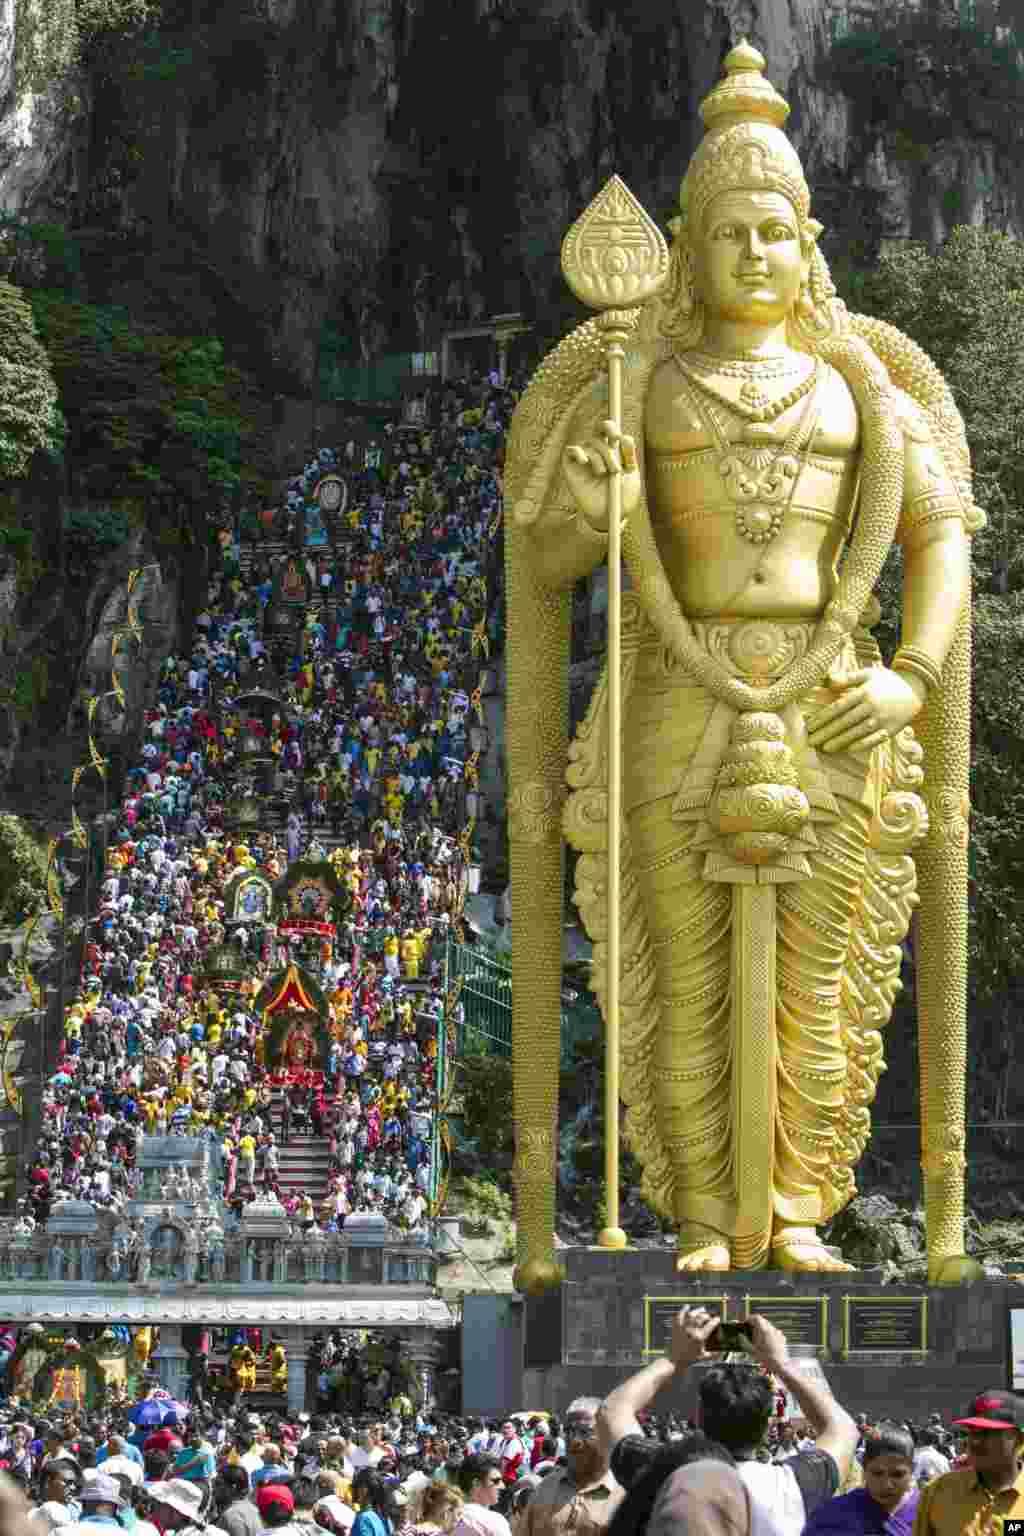 زیارت صدها هندو در فستیوال مذهبی شان در یکمعبدیدر کوآلا لامپور، پایتخت مالزی.